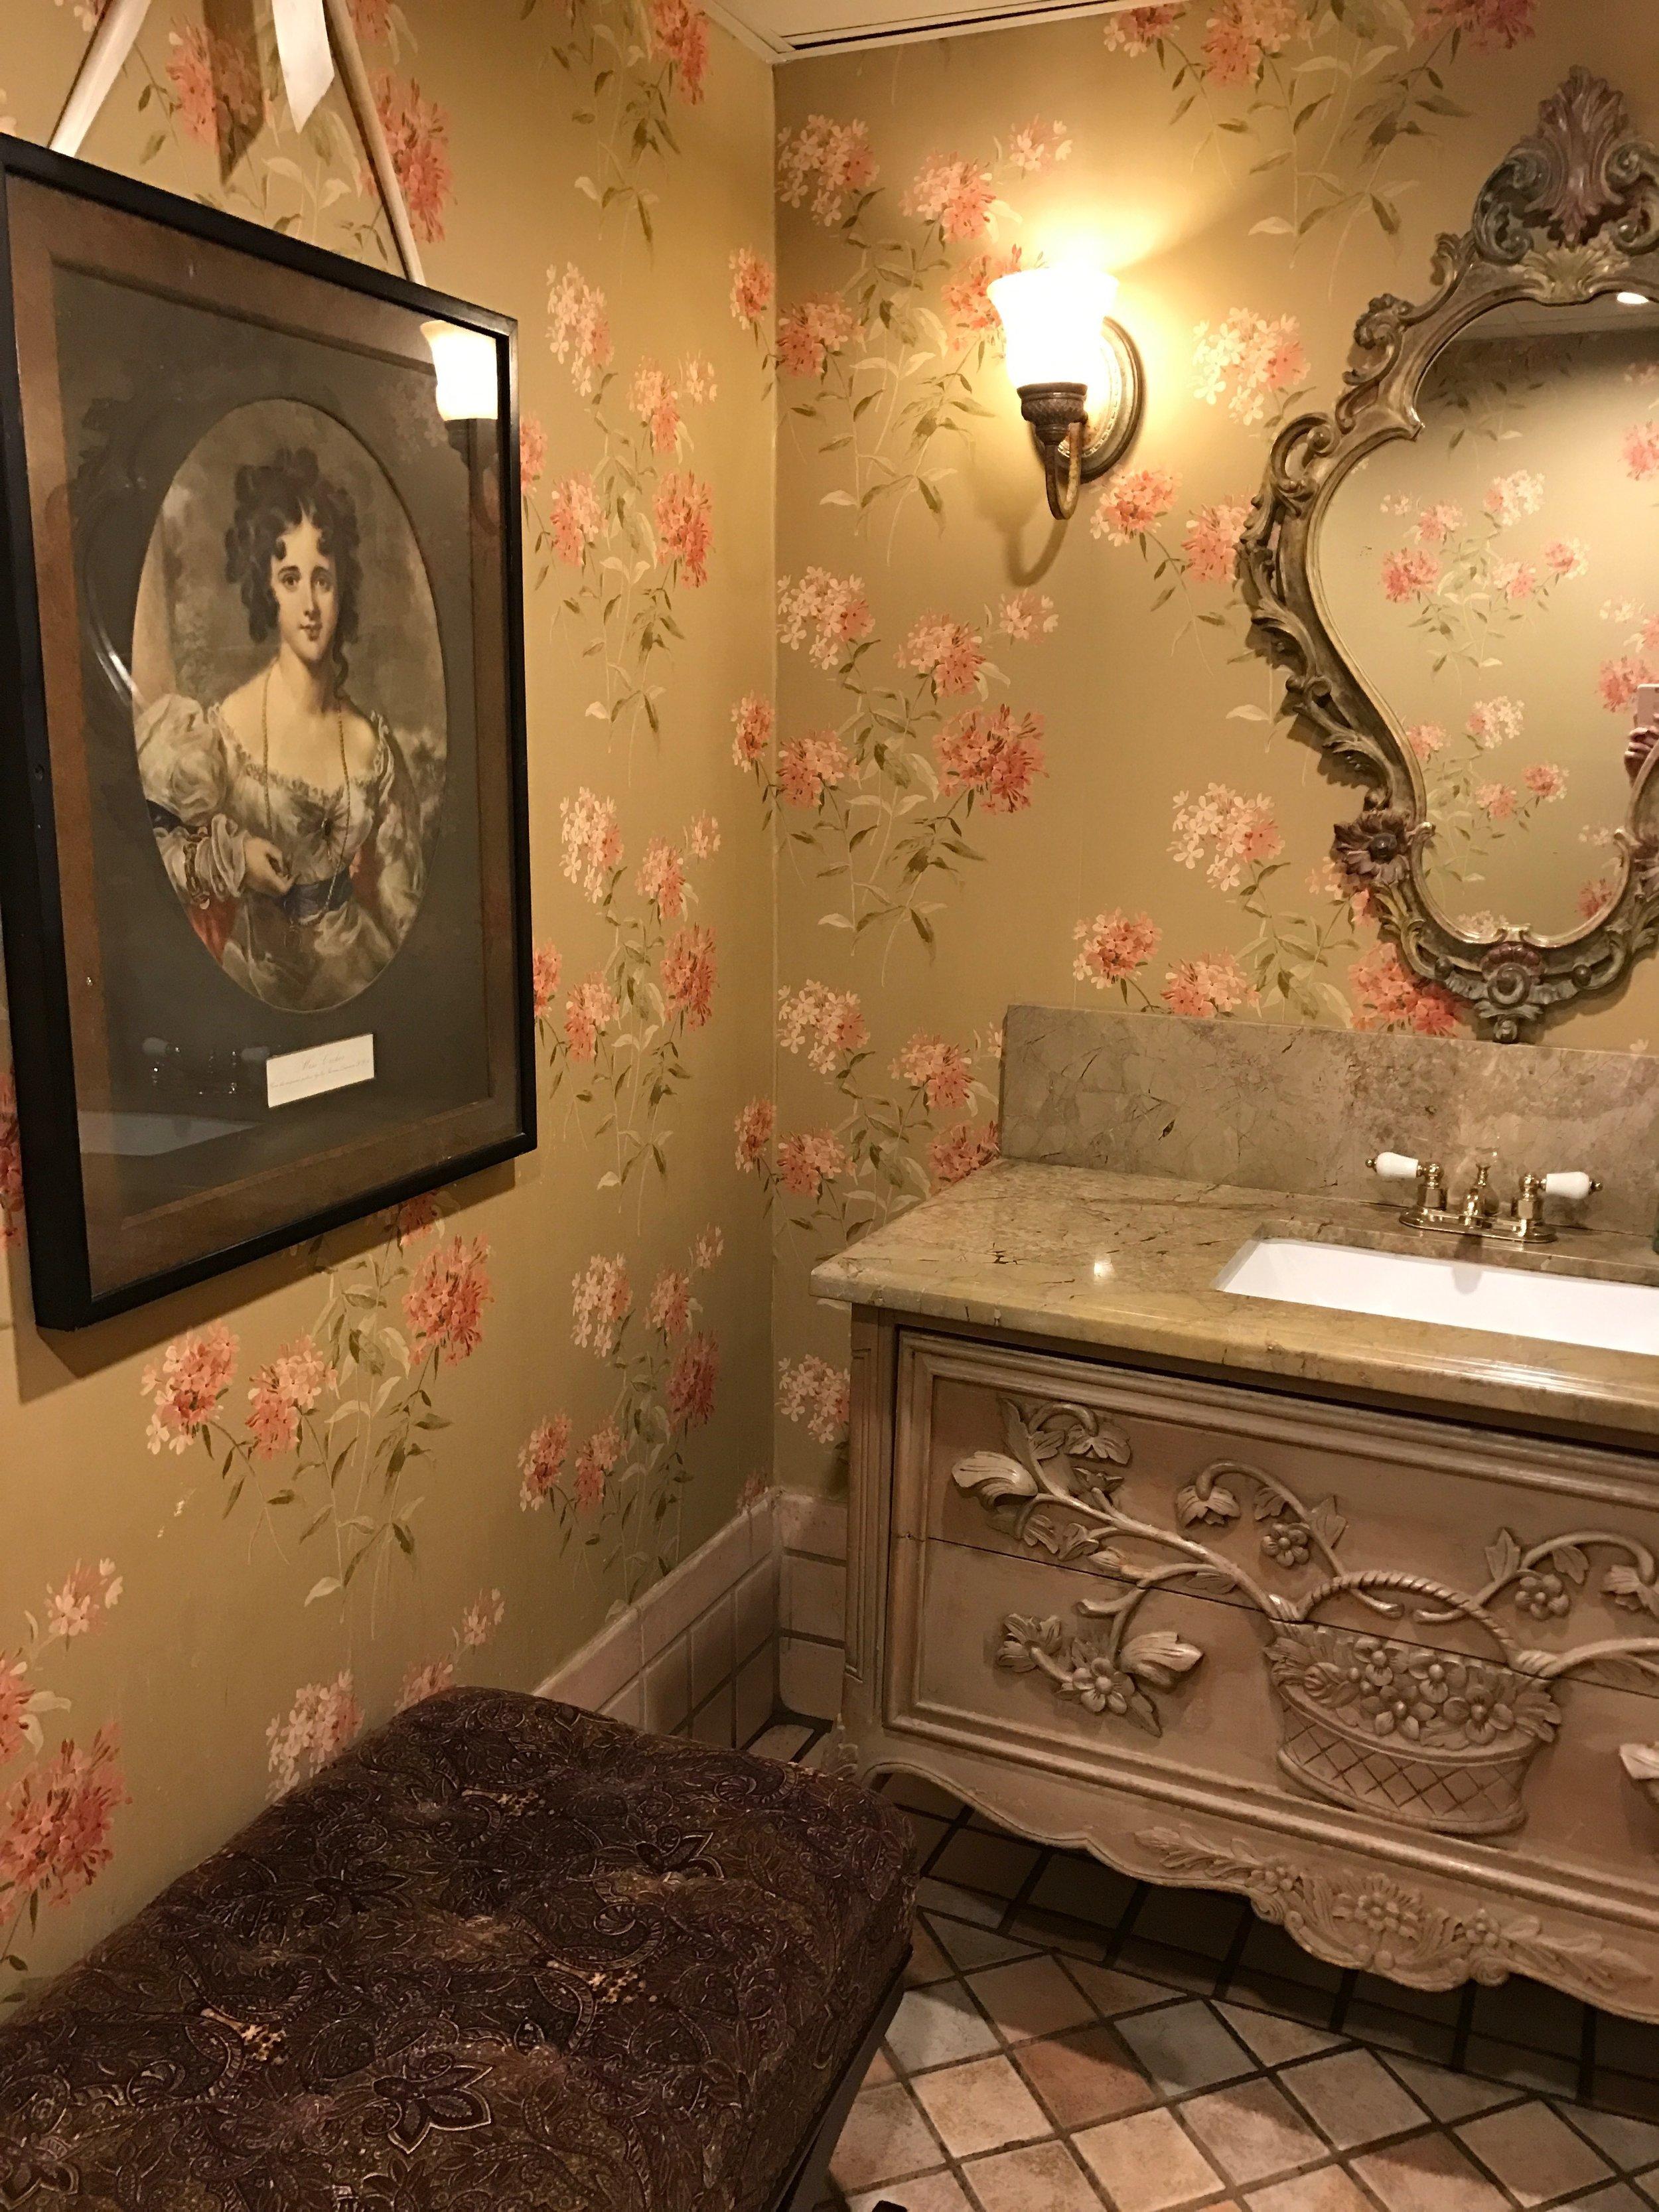 La Caille bathroom